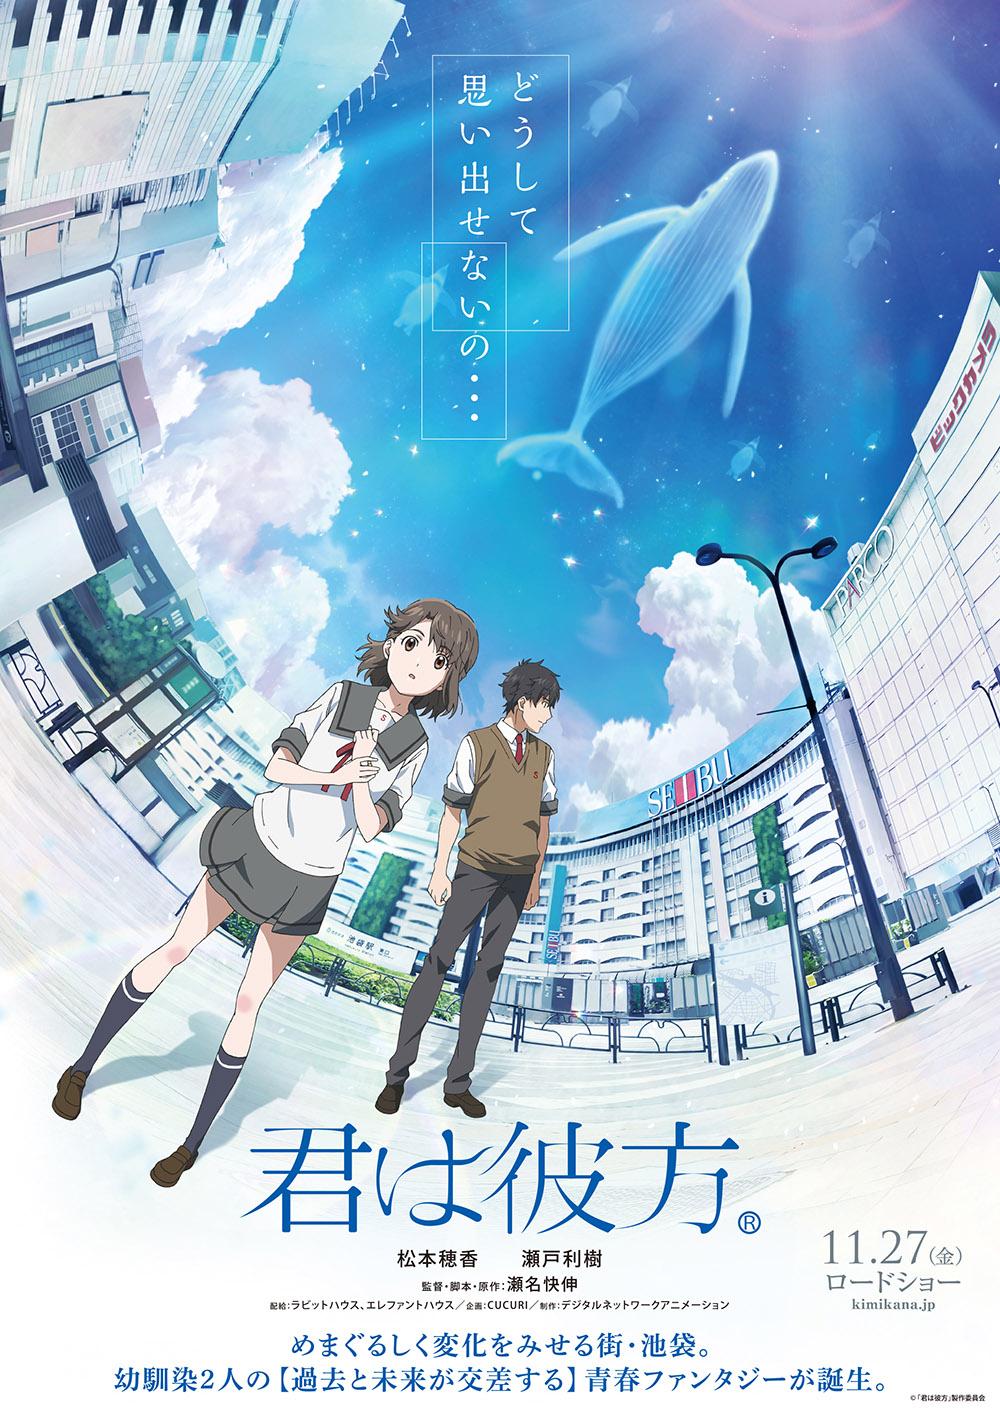 池袋が舞台のオリジナル長編アニメ映画が公開決定!